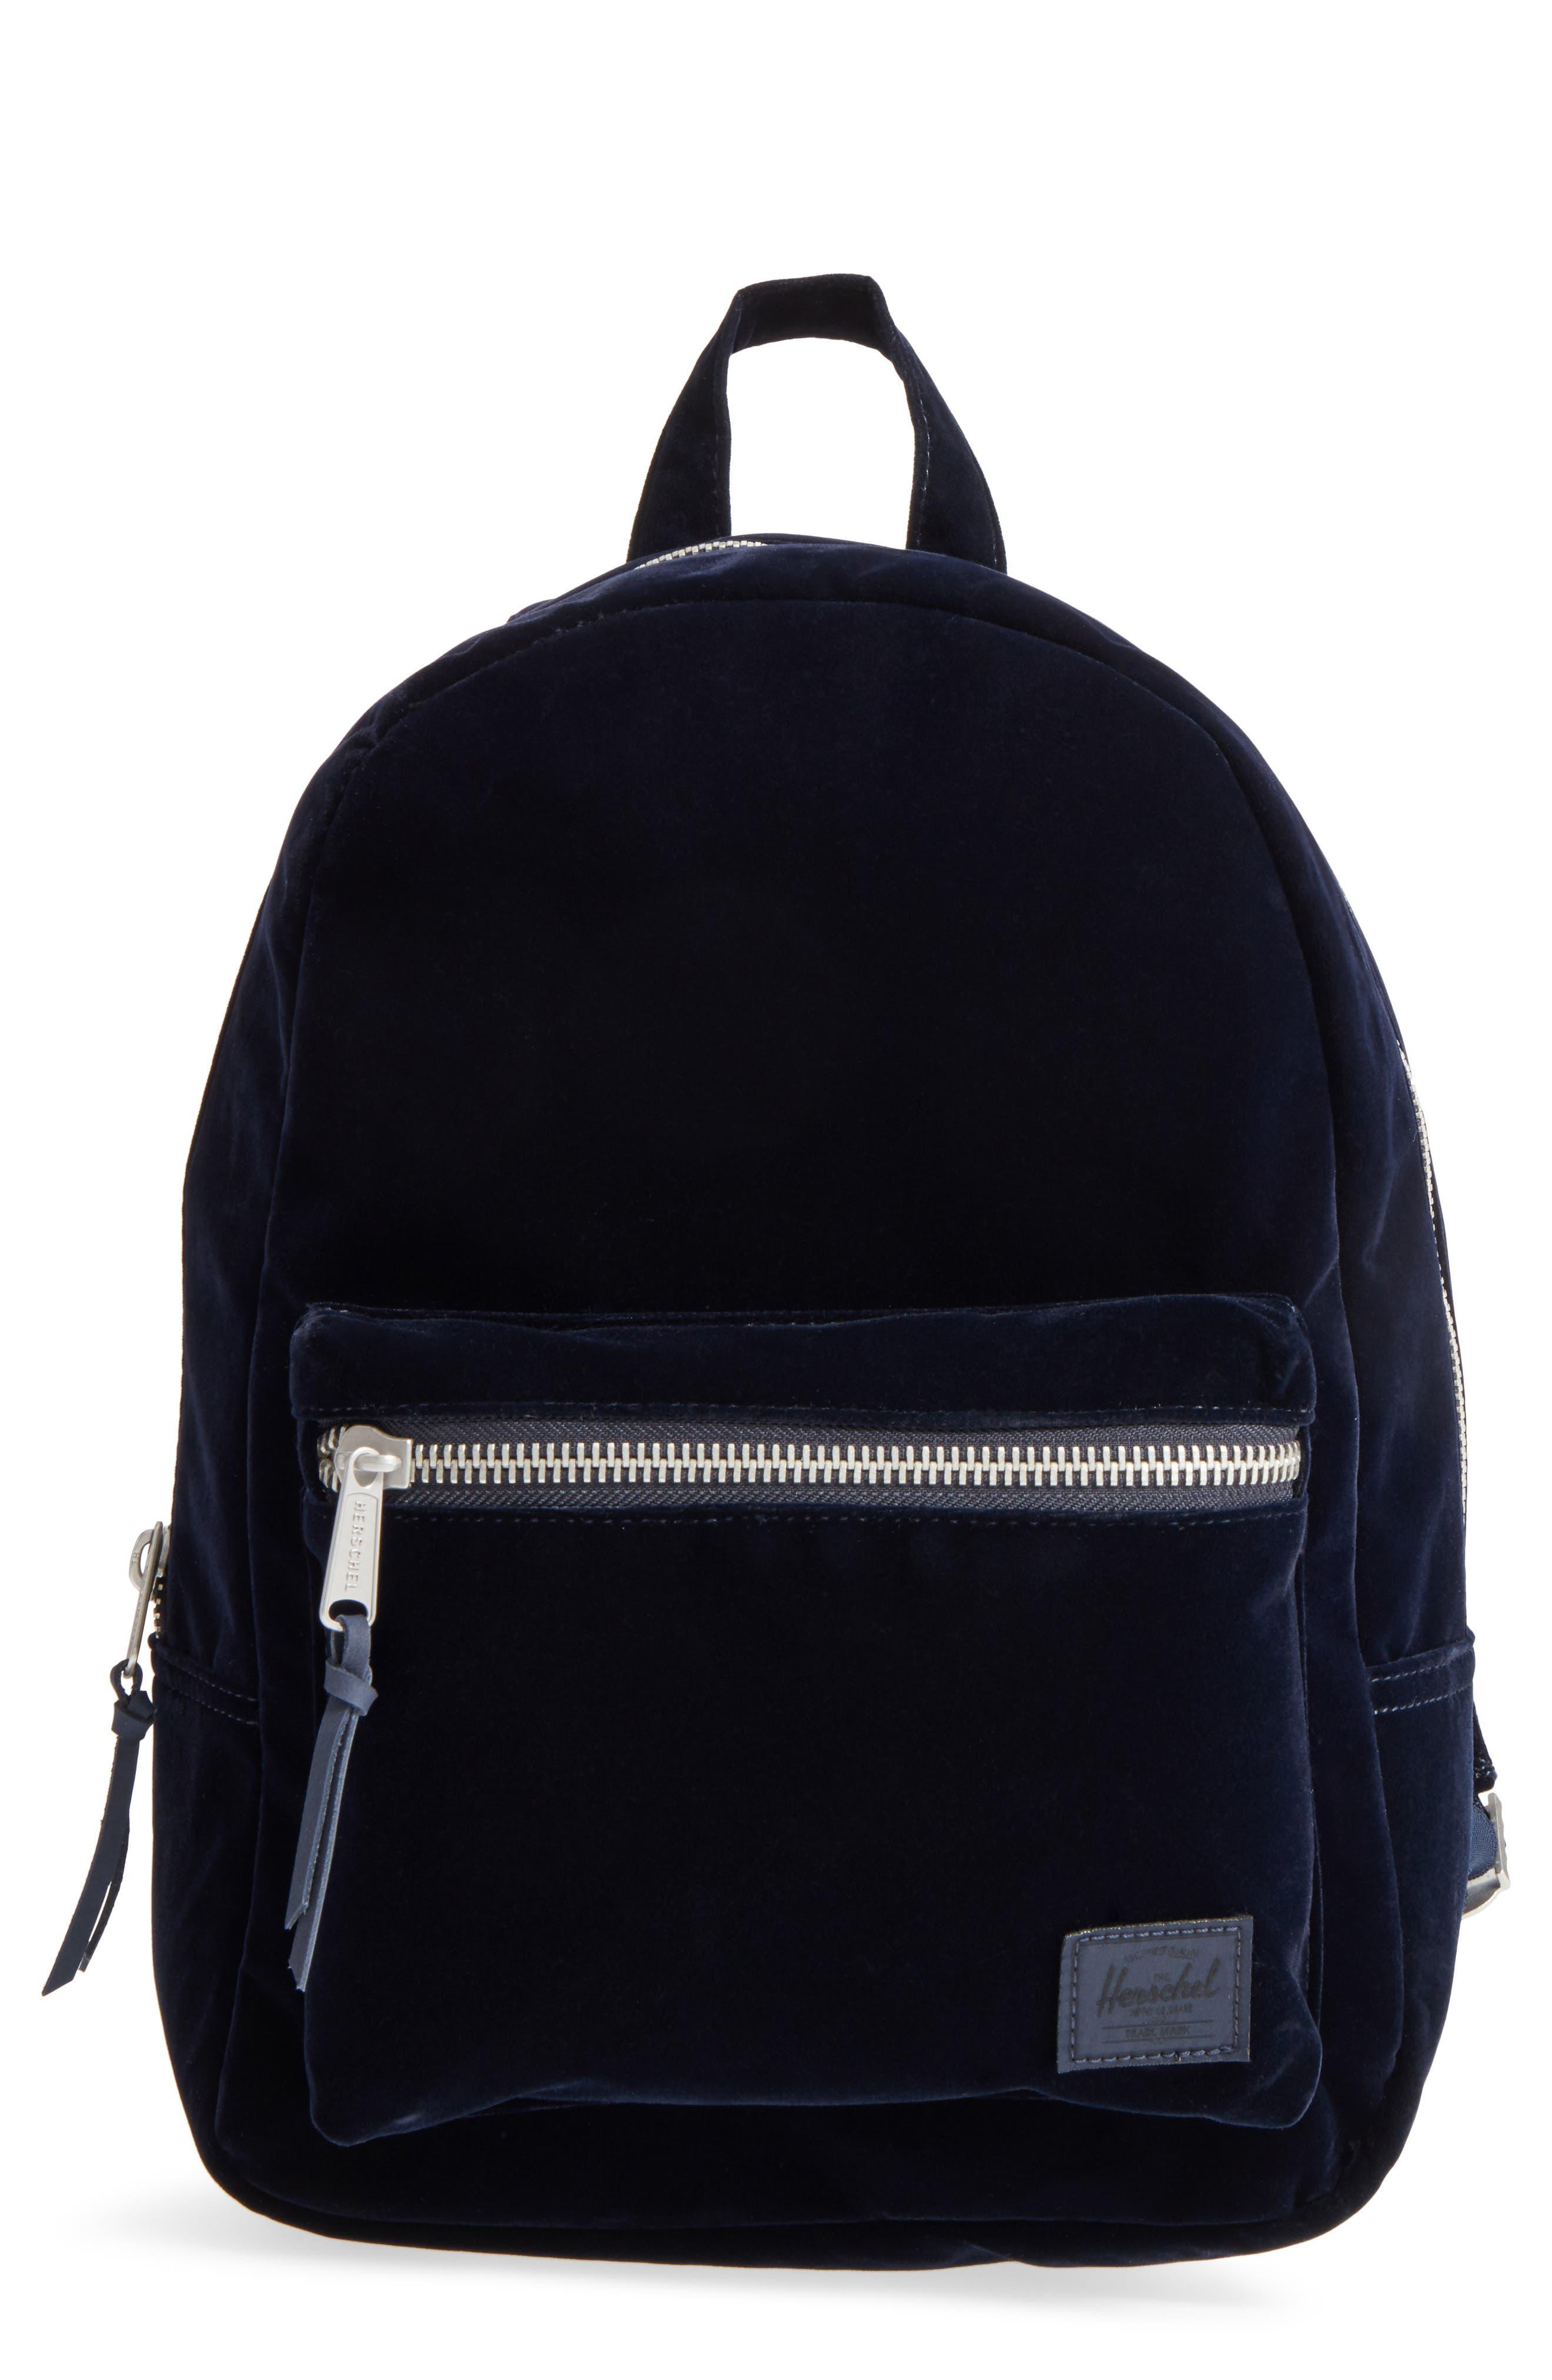 Alternate Image 1 Selected - Herschel Supply Co. X-Small Velvet Grove Backpack